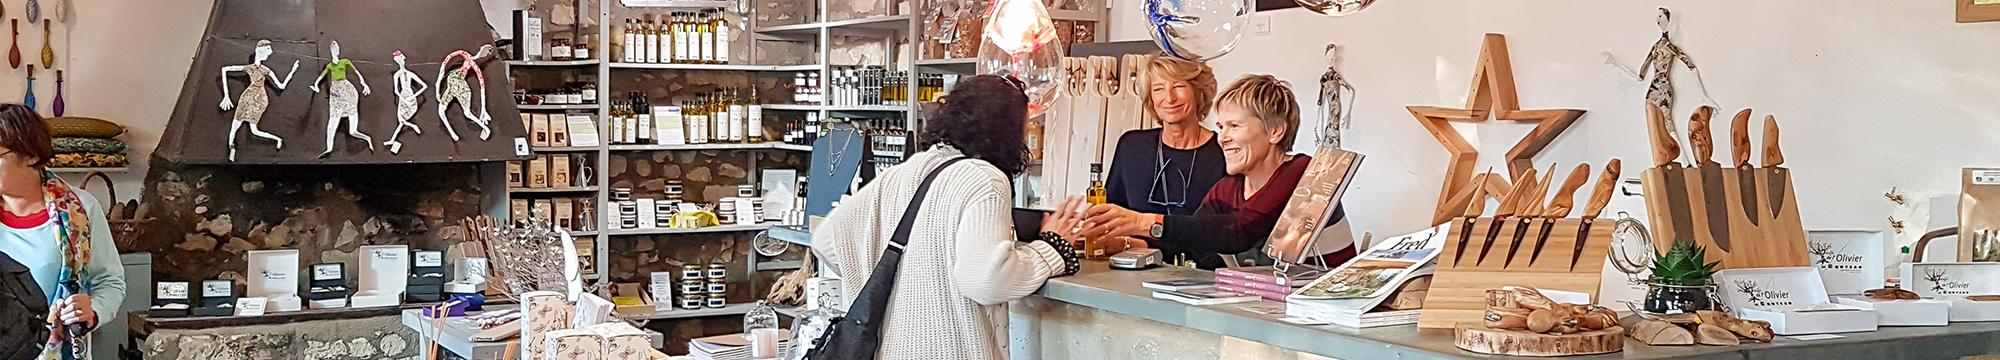 Le Savoir Faire des Alpilles à Saint Rémy de Provence